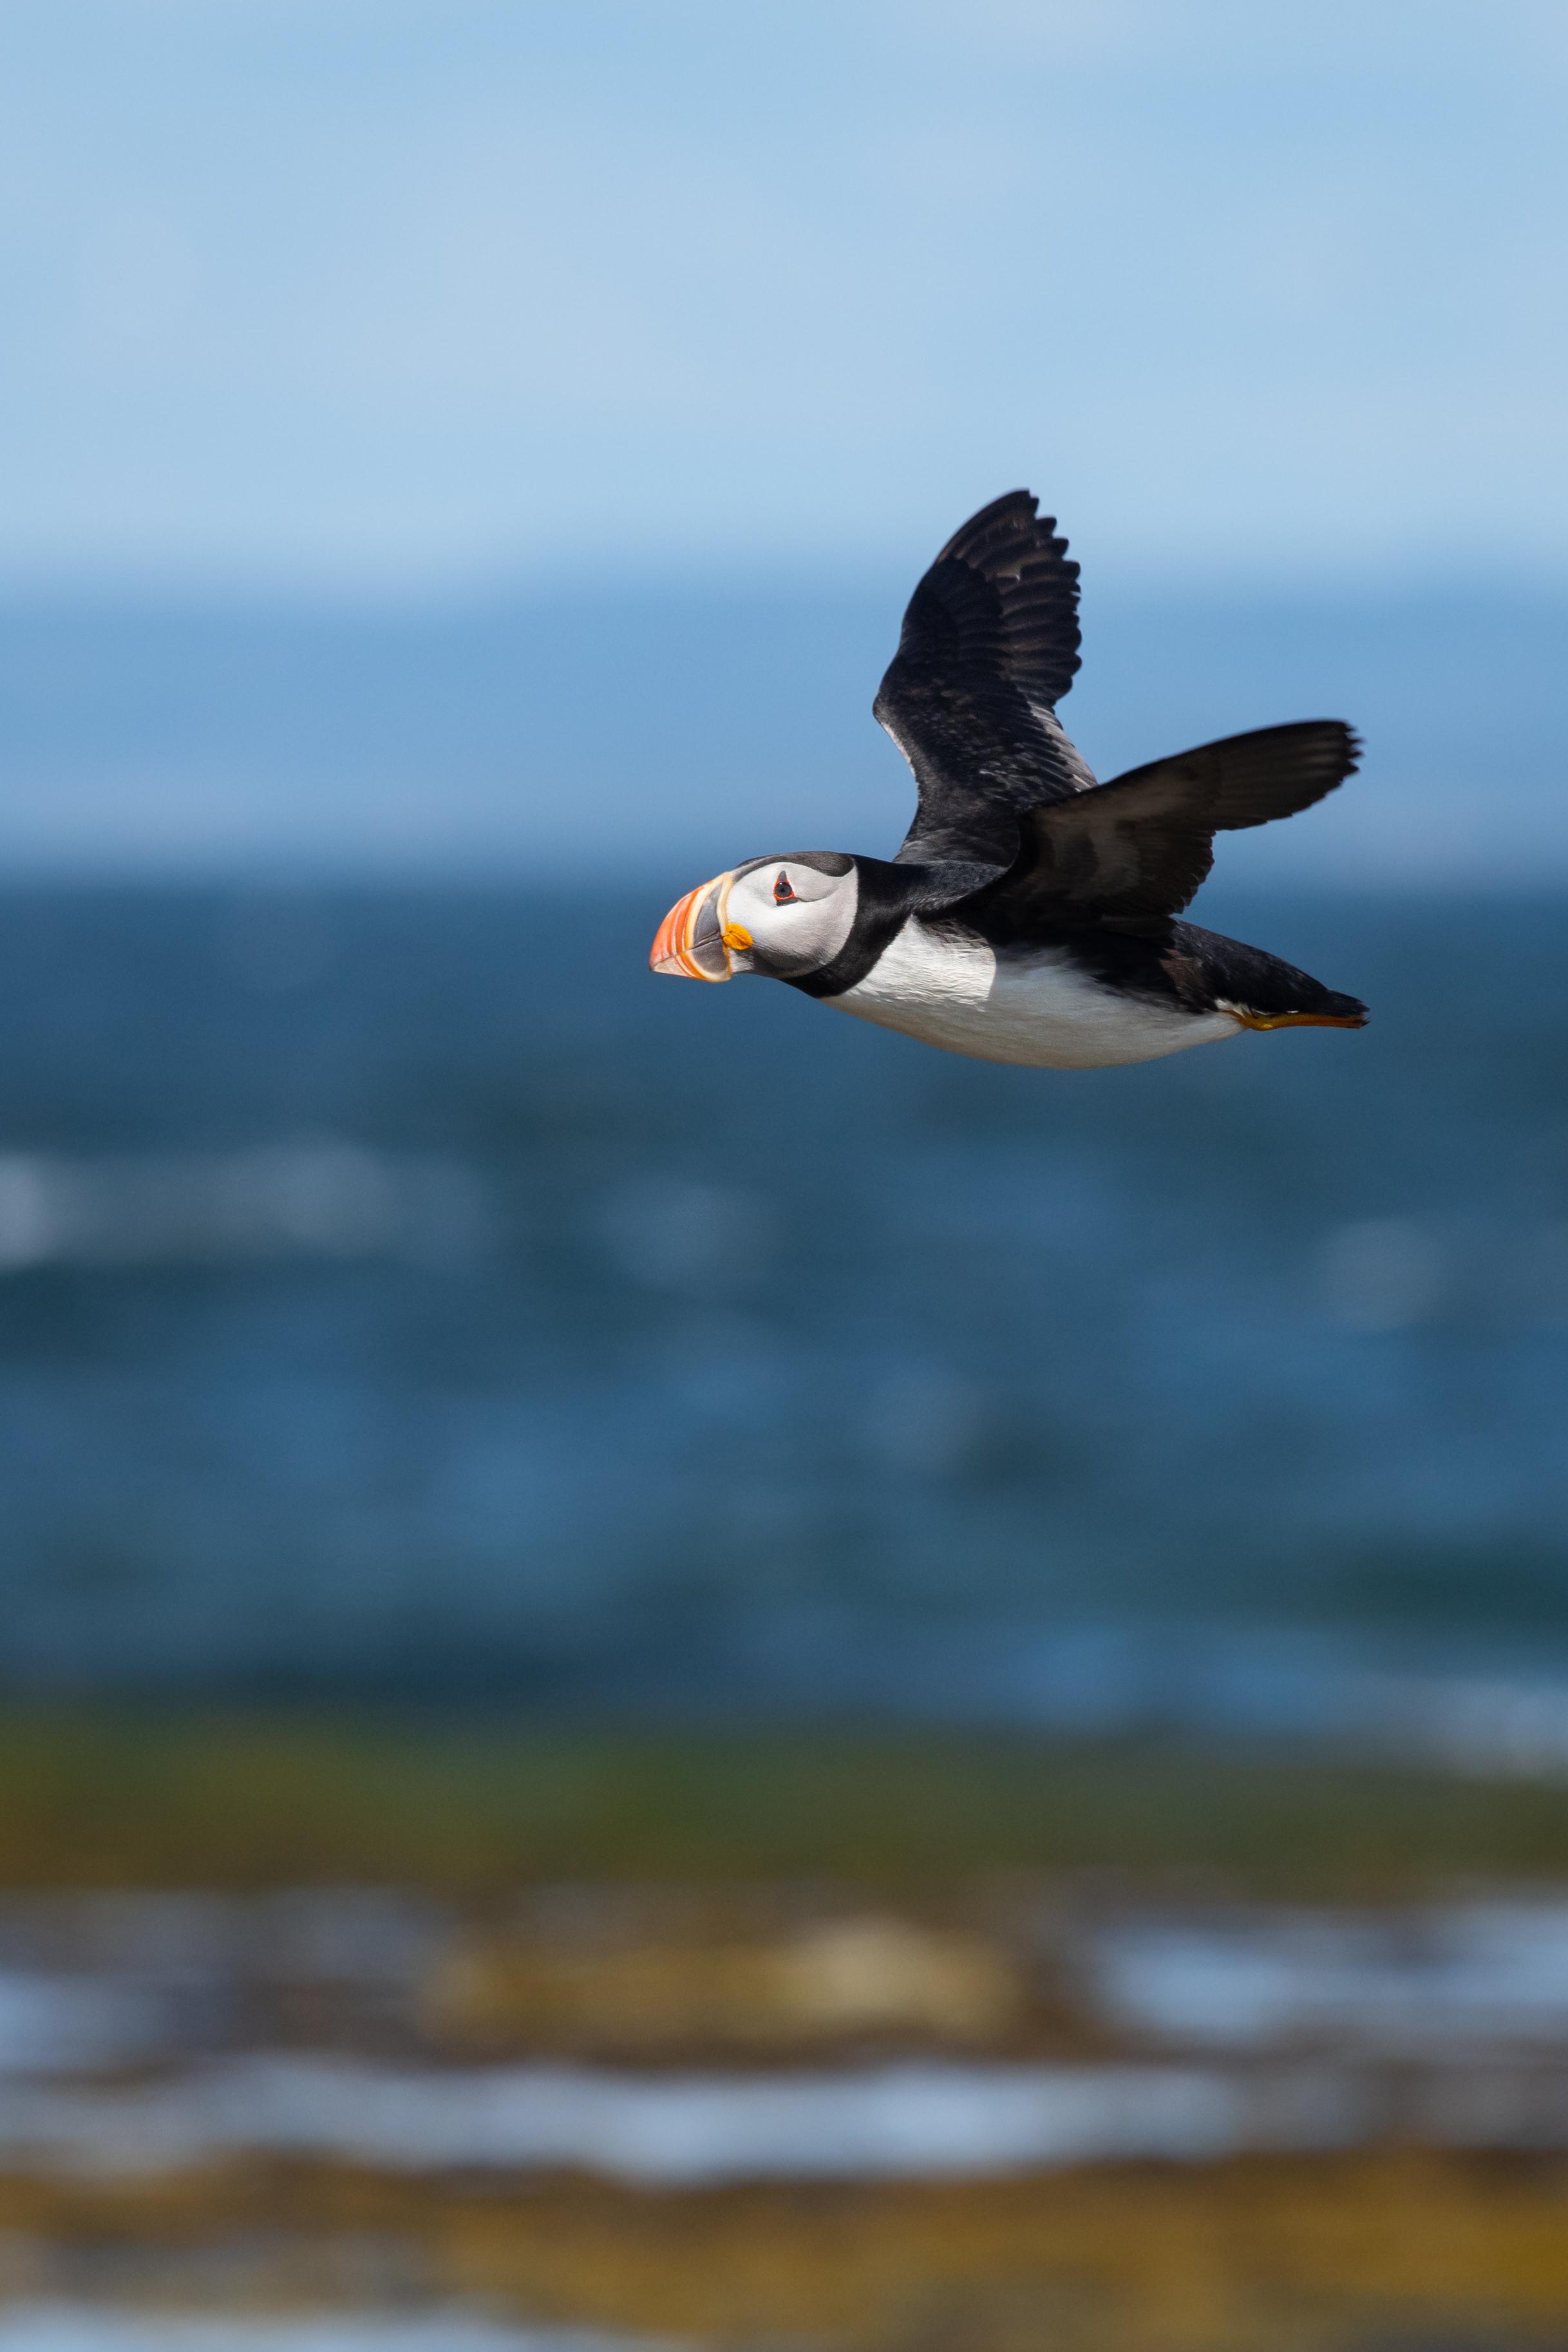 Macareux en vol, on voit très bien sont habitat, c'est qui rend cette photo unique selon moi : zone de marée basse, mer, montagne et ciel!